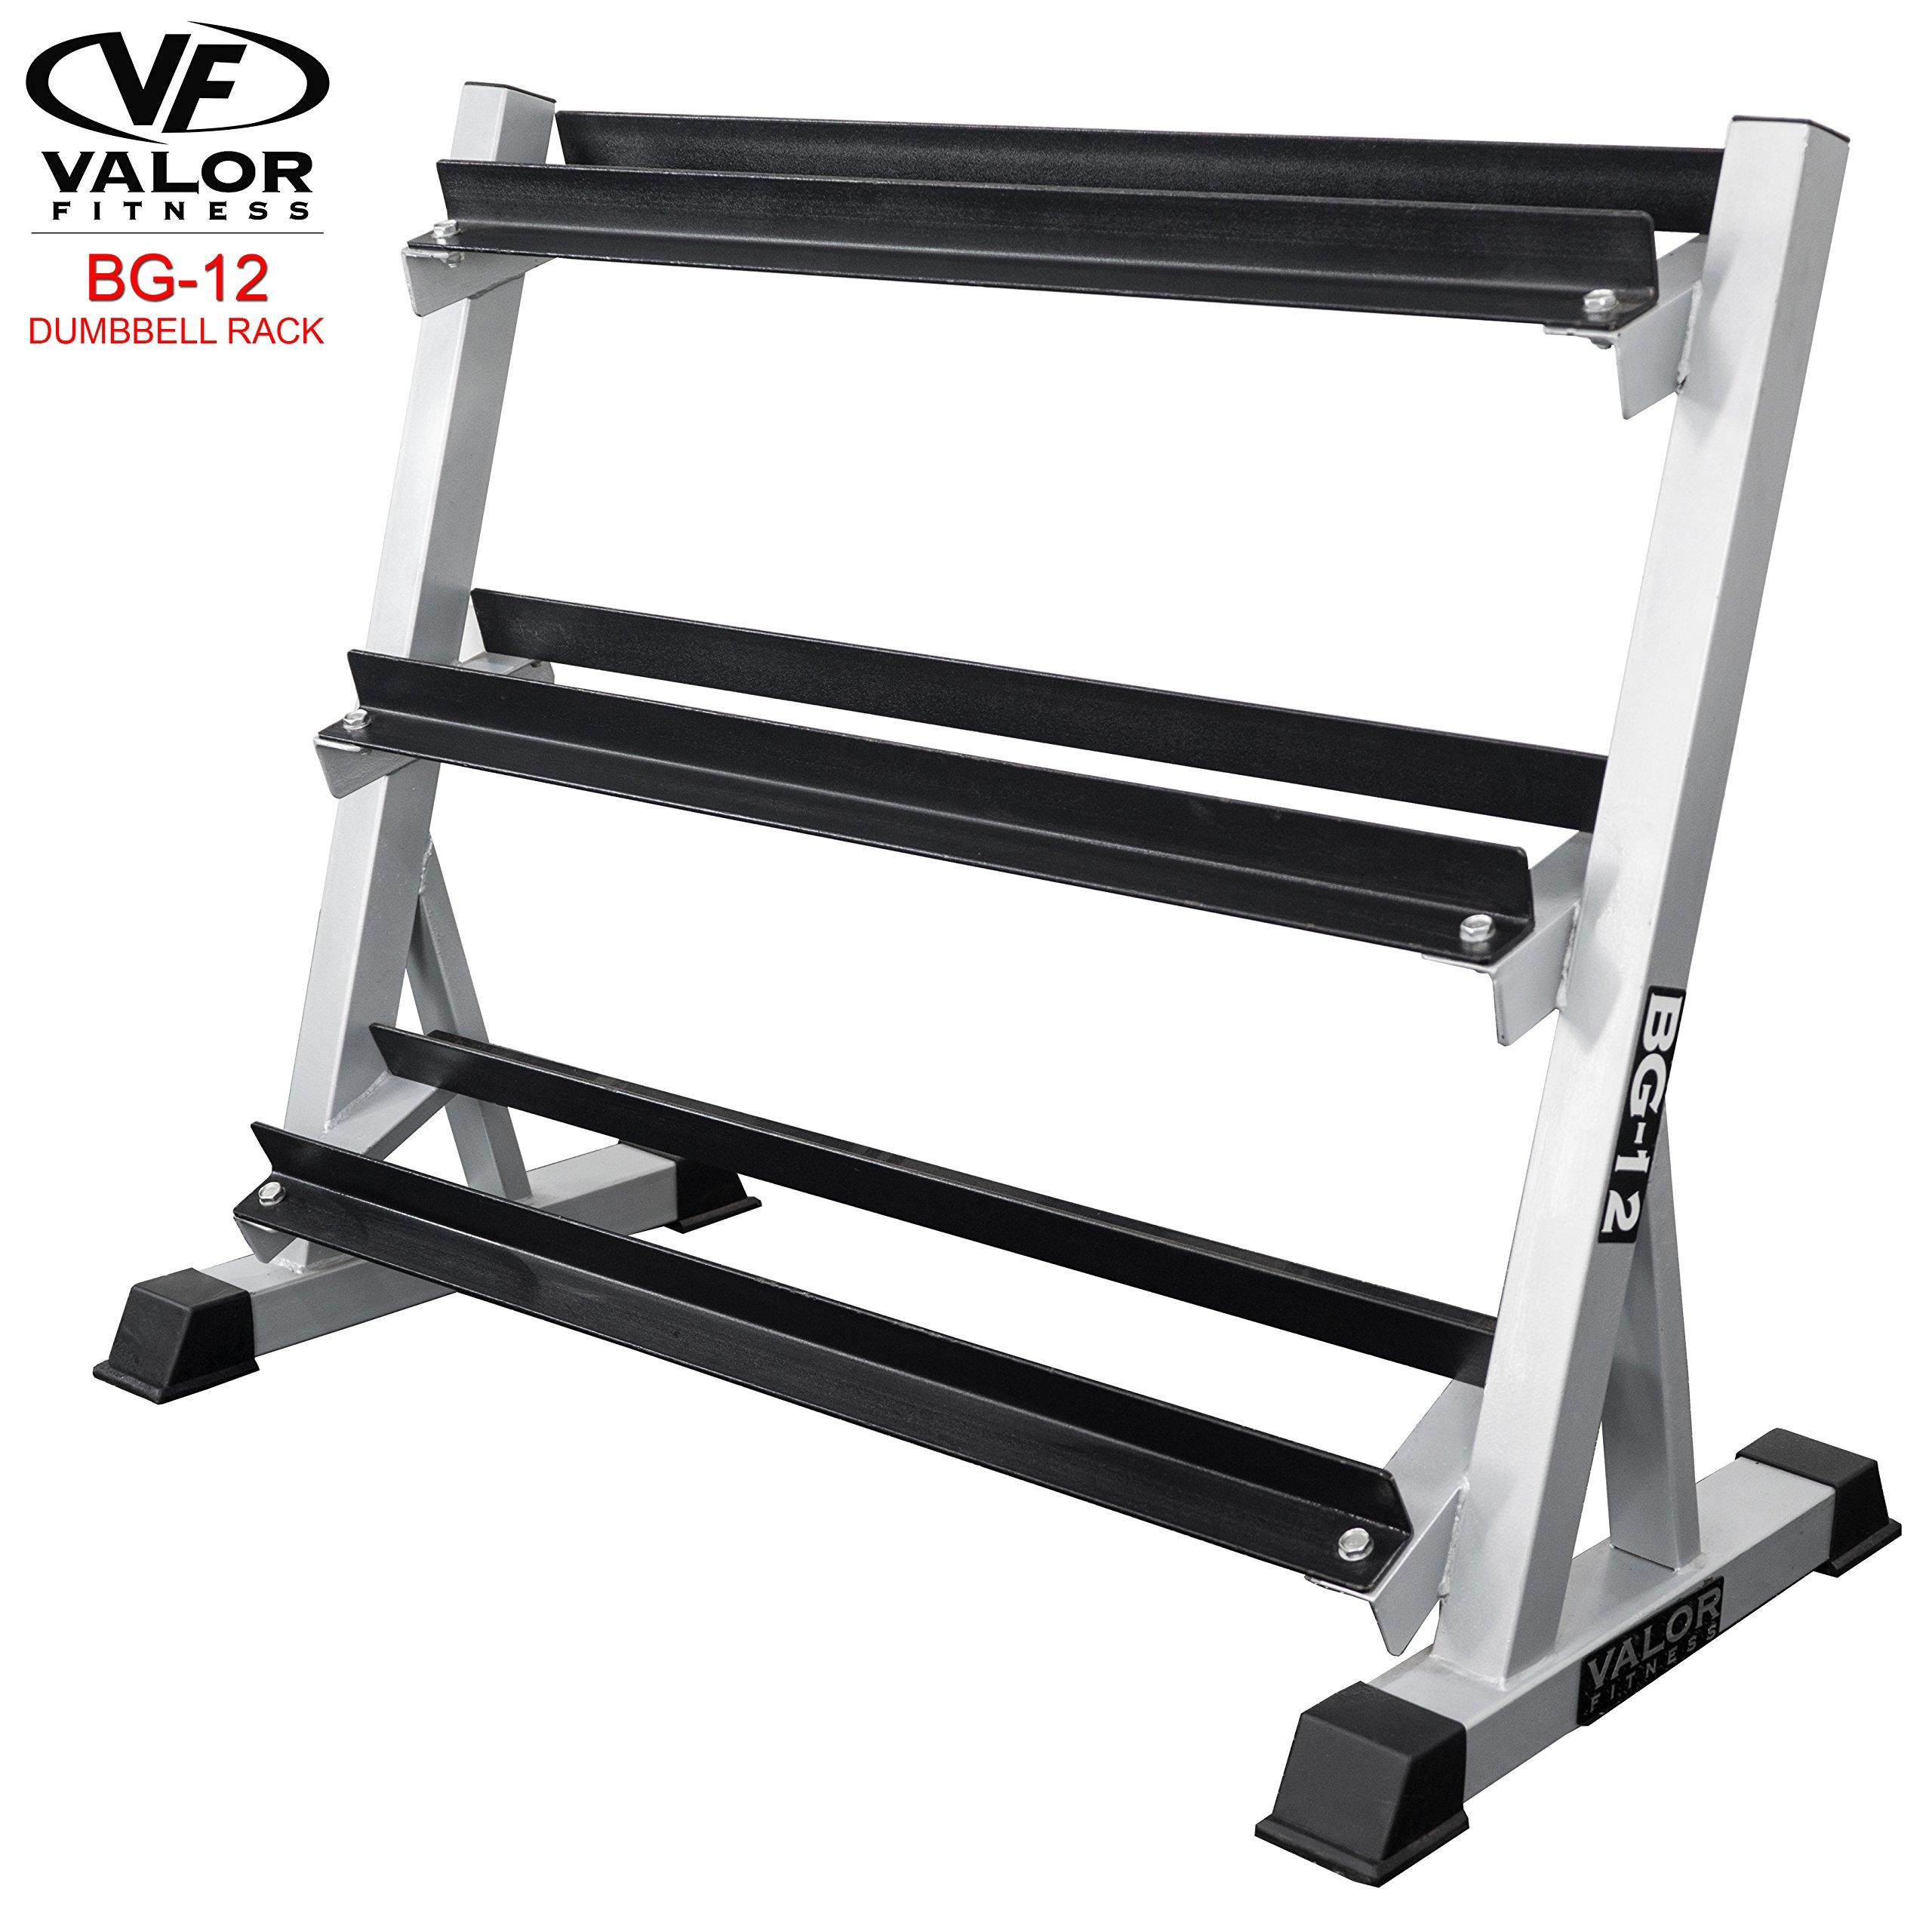 Valor Fitness BG-12 Dumbbell Rack 3-Tier by Valor Fitness